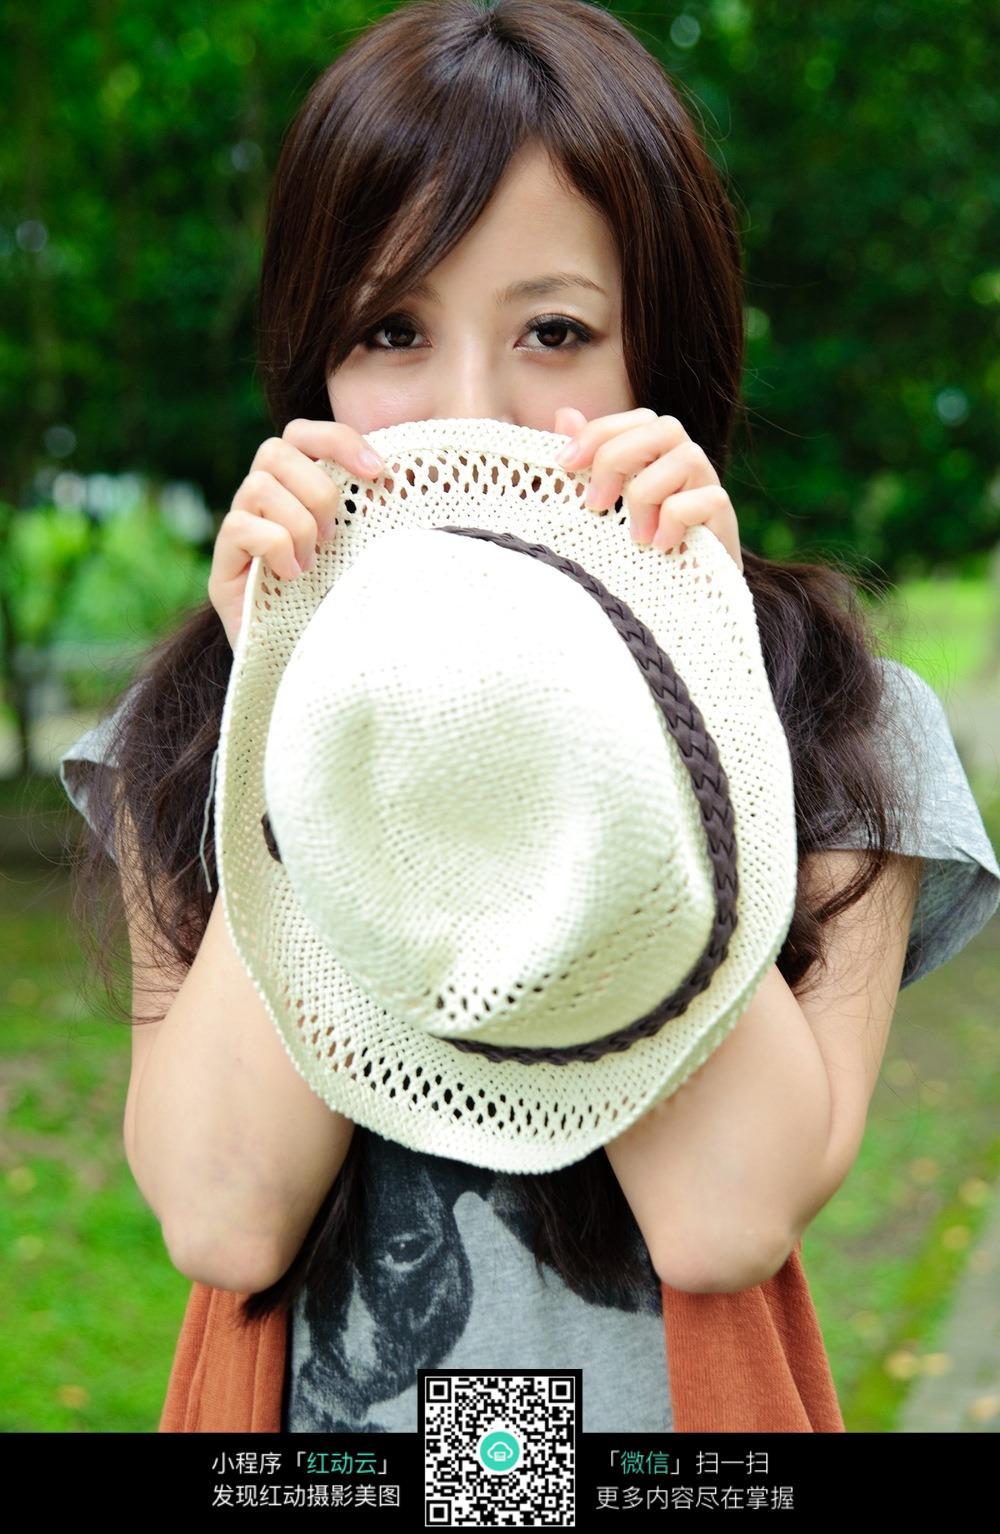 拿着帽子半遮脸的女孩